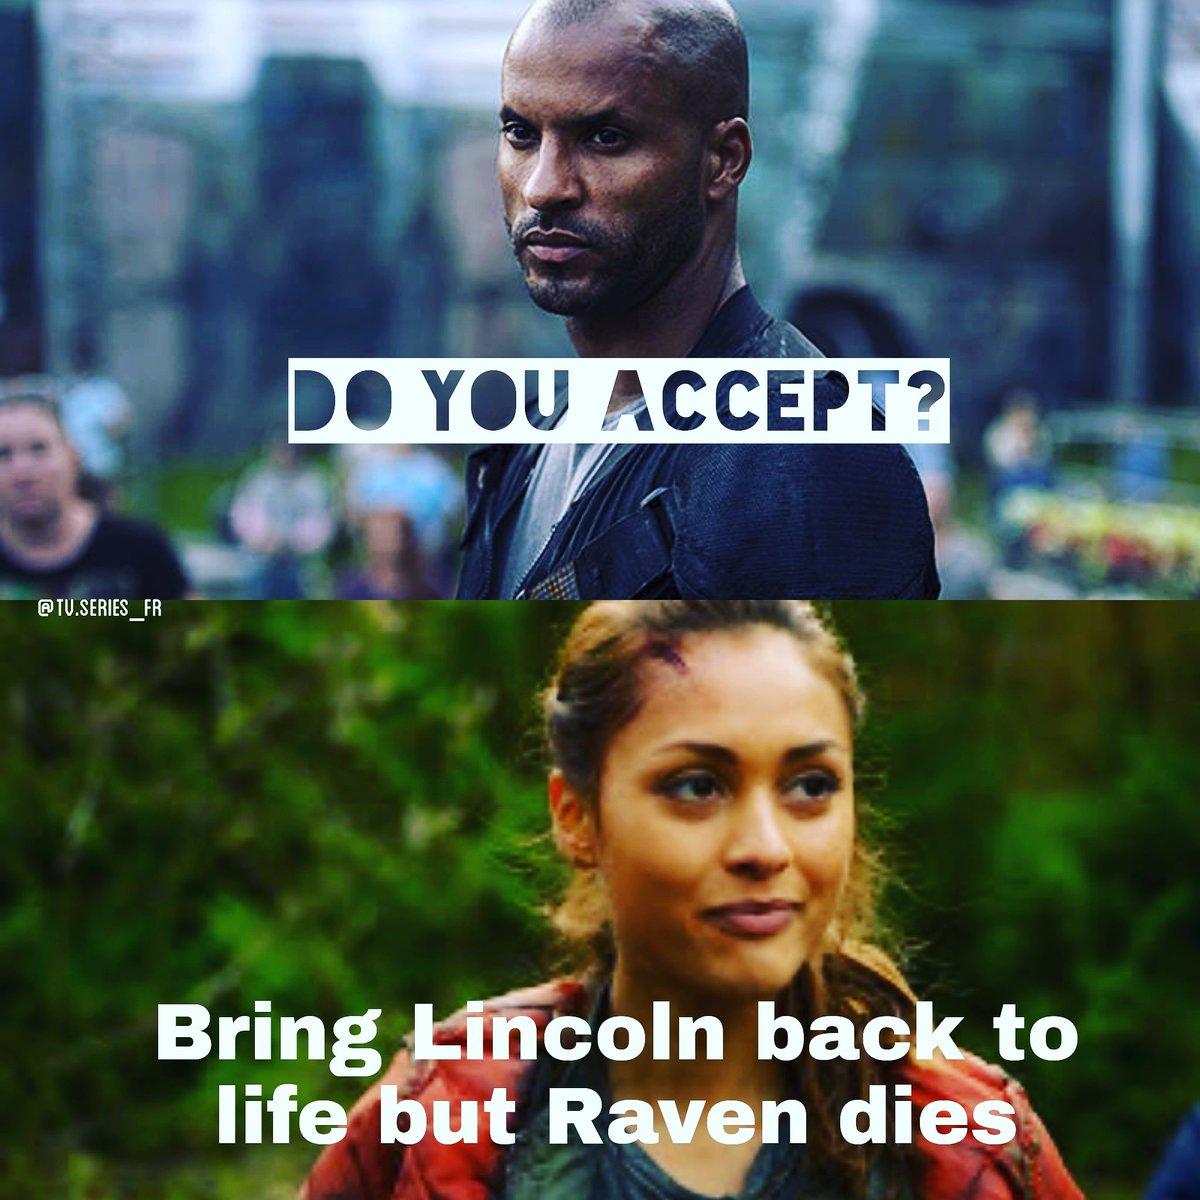 Seguitemi su instagram per molti post su the 100. La page si chiama :  tv.series_fr. Spero vi piacciano i miei edit. /// -portare Lincoln in vita ma Raven muore. Accetti? Nop. Amo troppo Raven scusate ahahahah. Rispondete!!! #the100 #bellarke #The100Season5 #linctavia #raven  - Ukustom